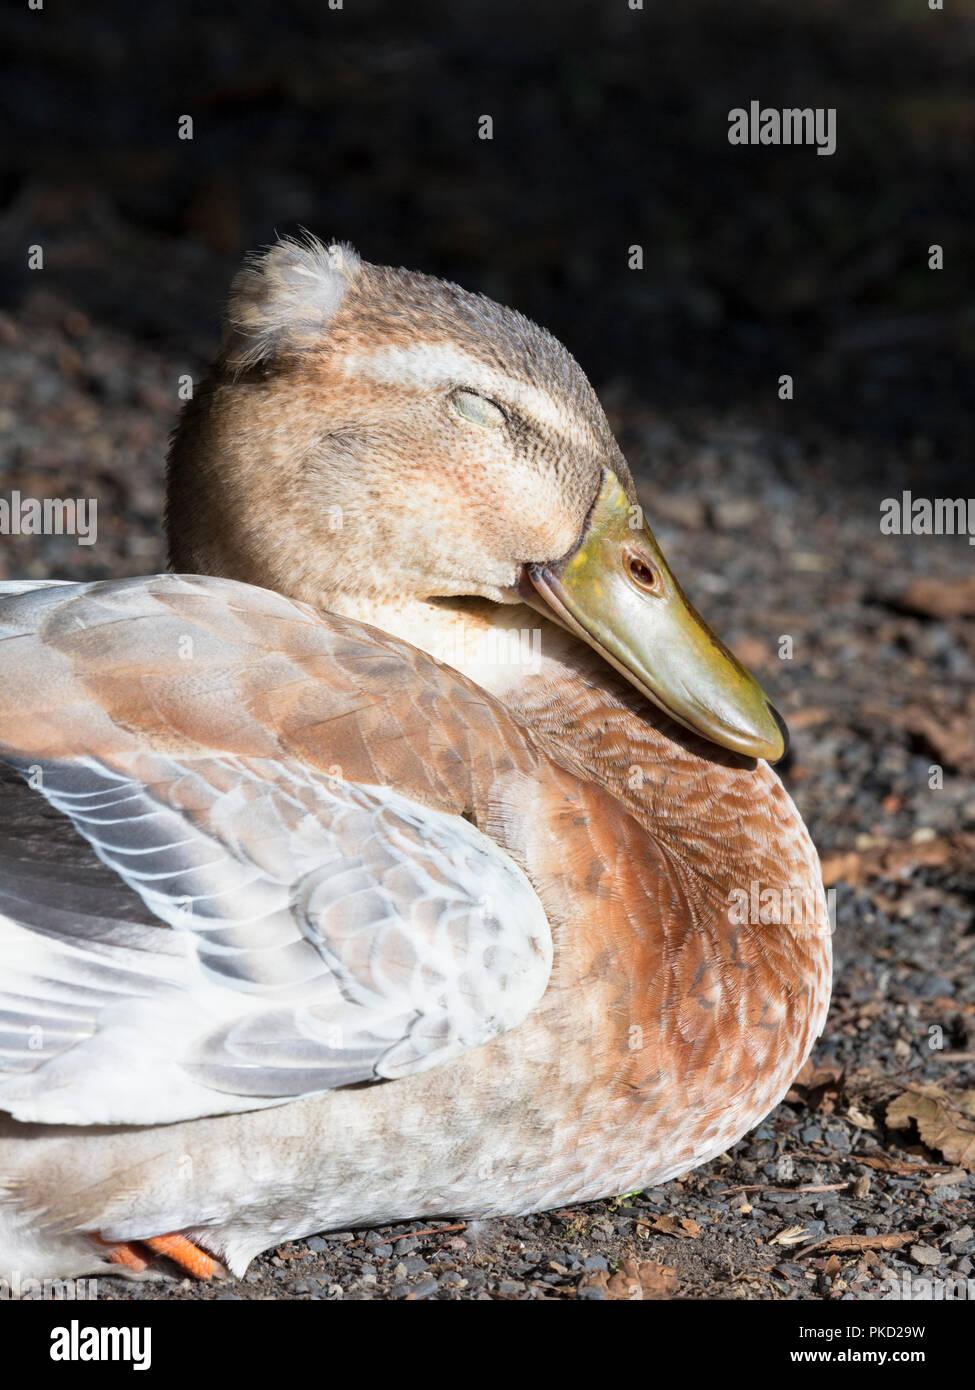 Ánade real durmiendo Imagen De Stock